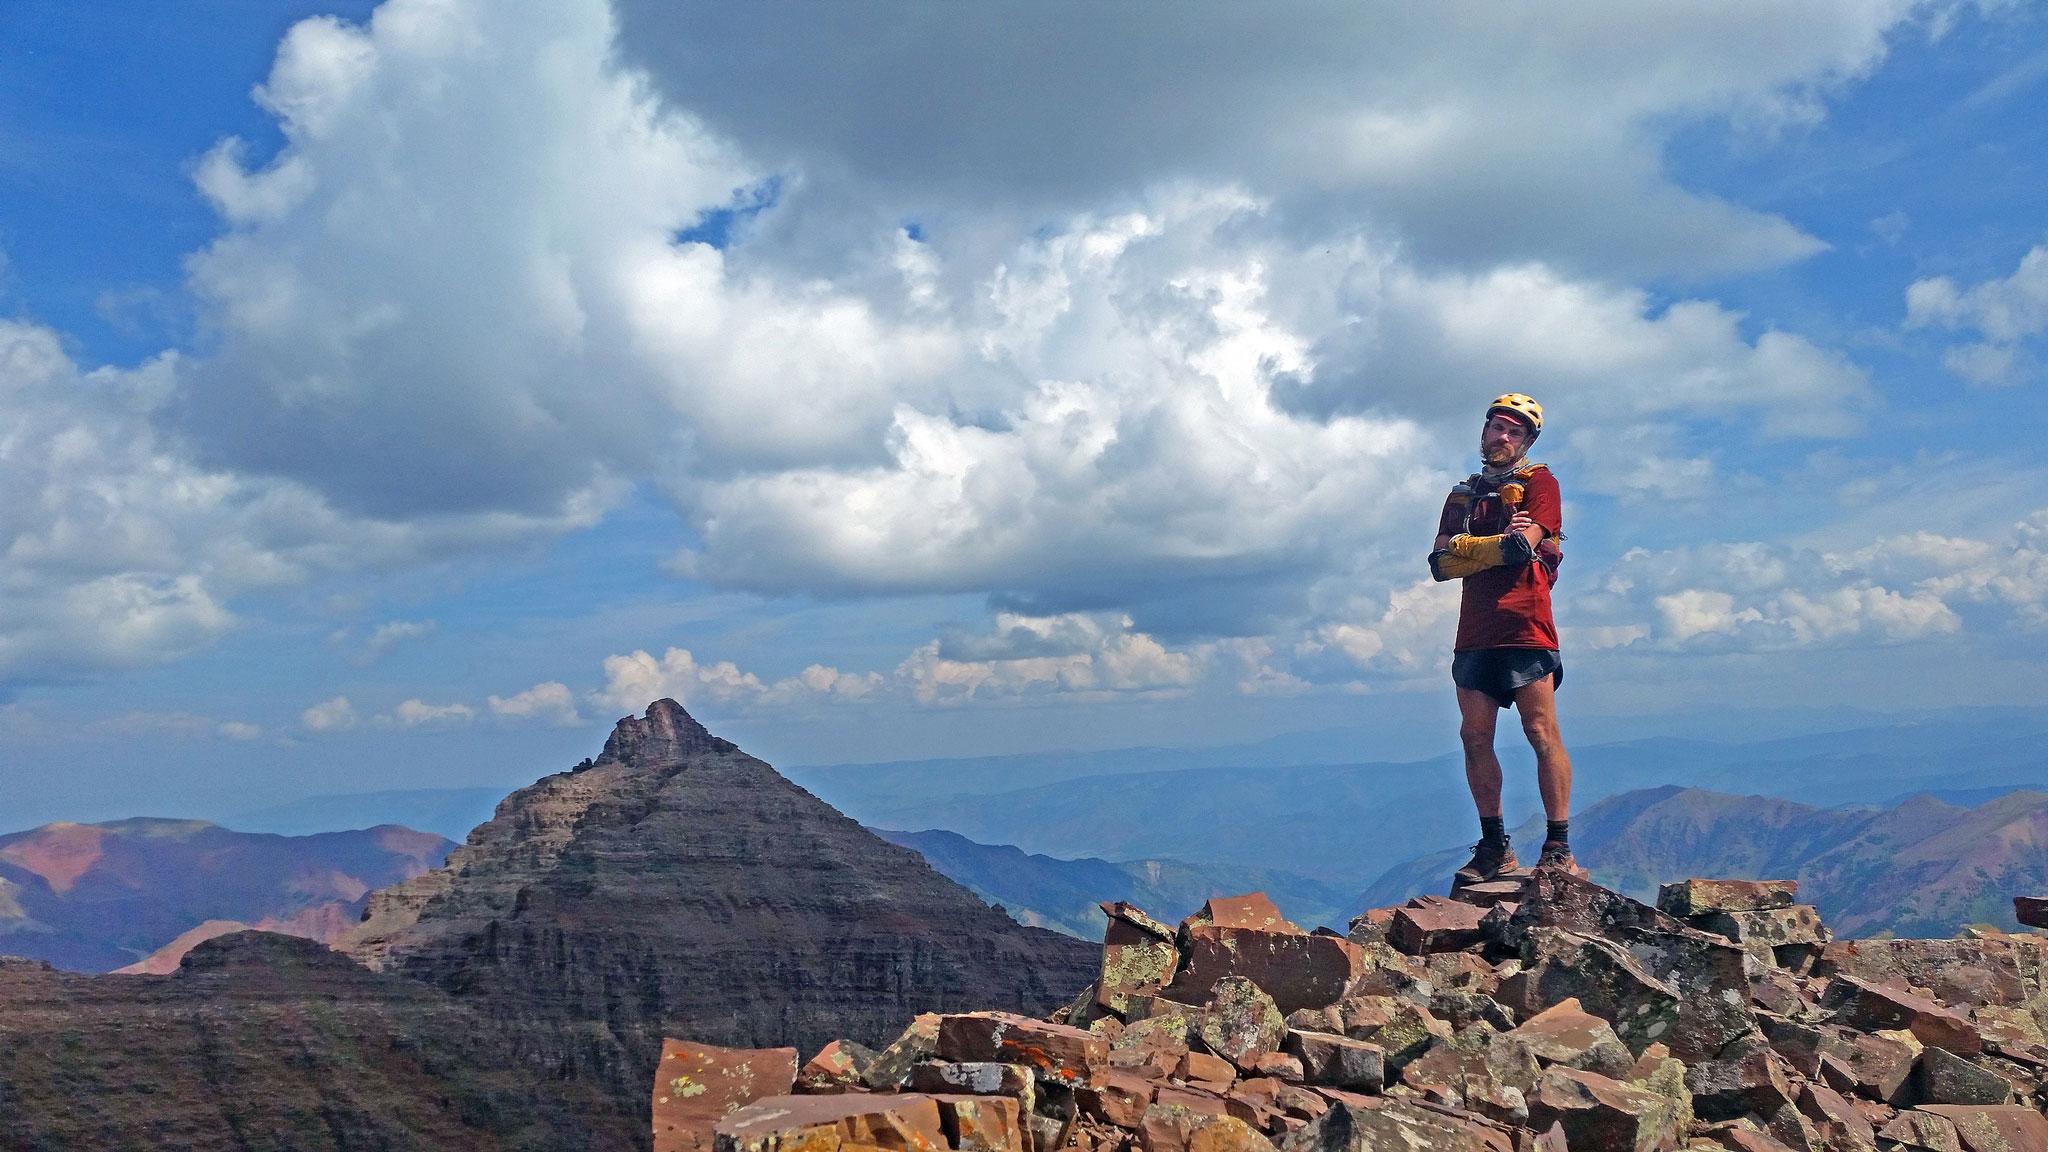 On Thunder Pyramid Peak